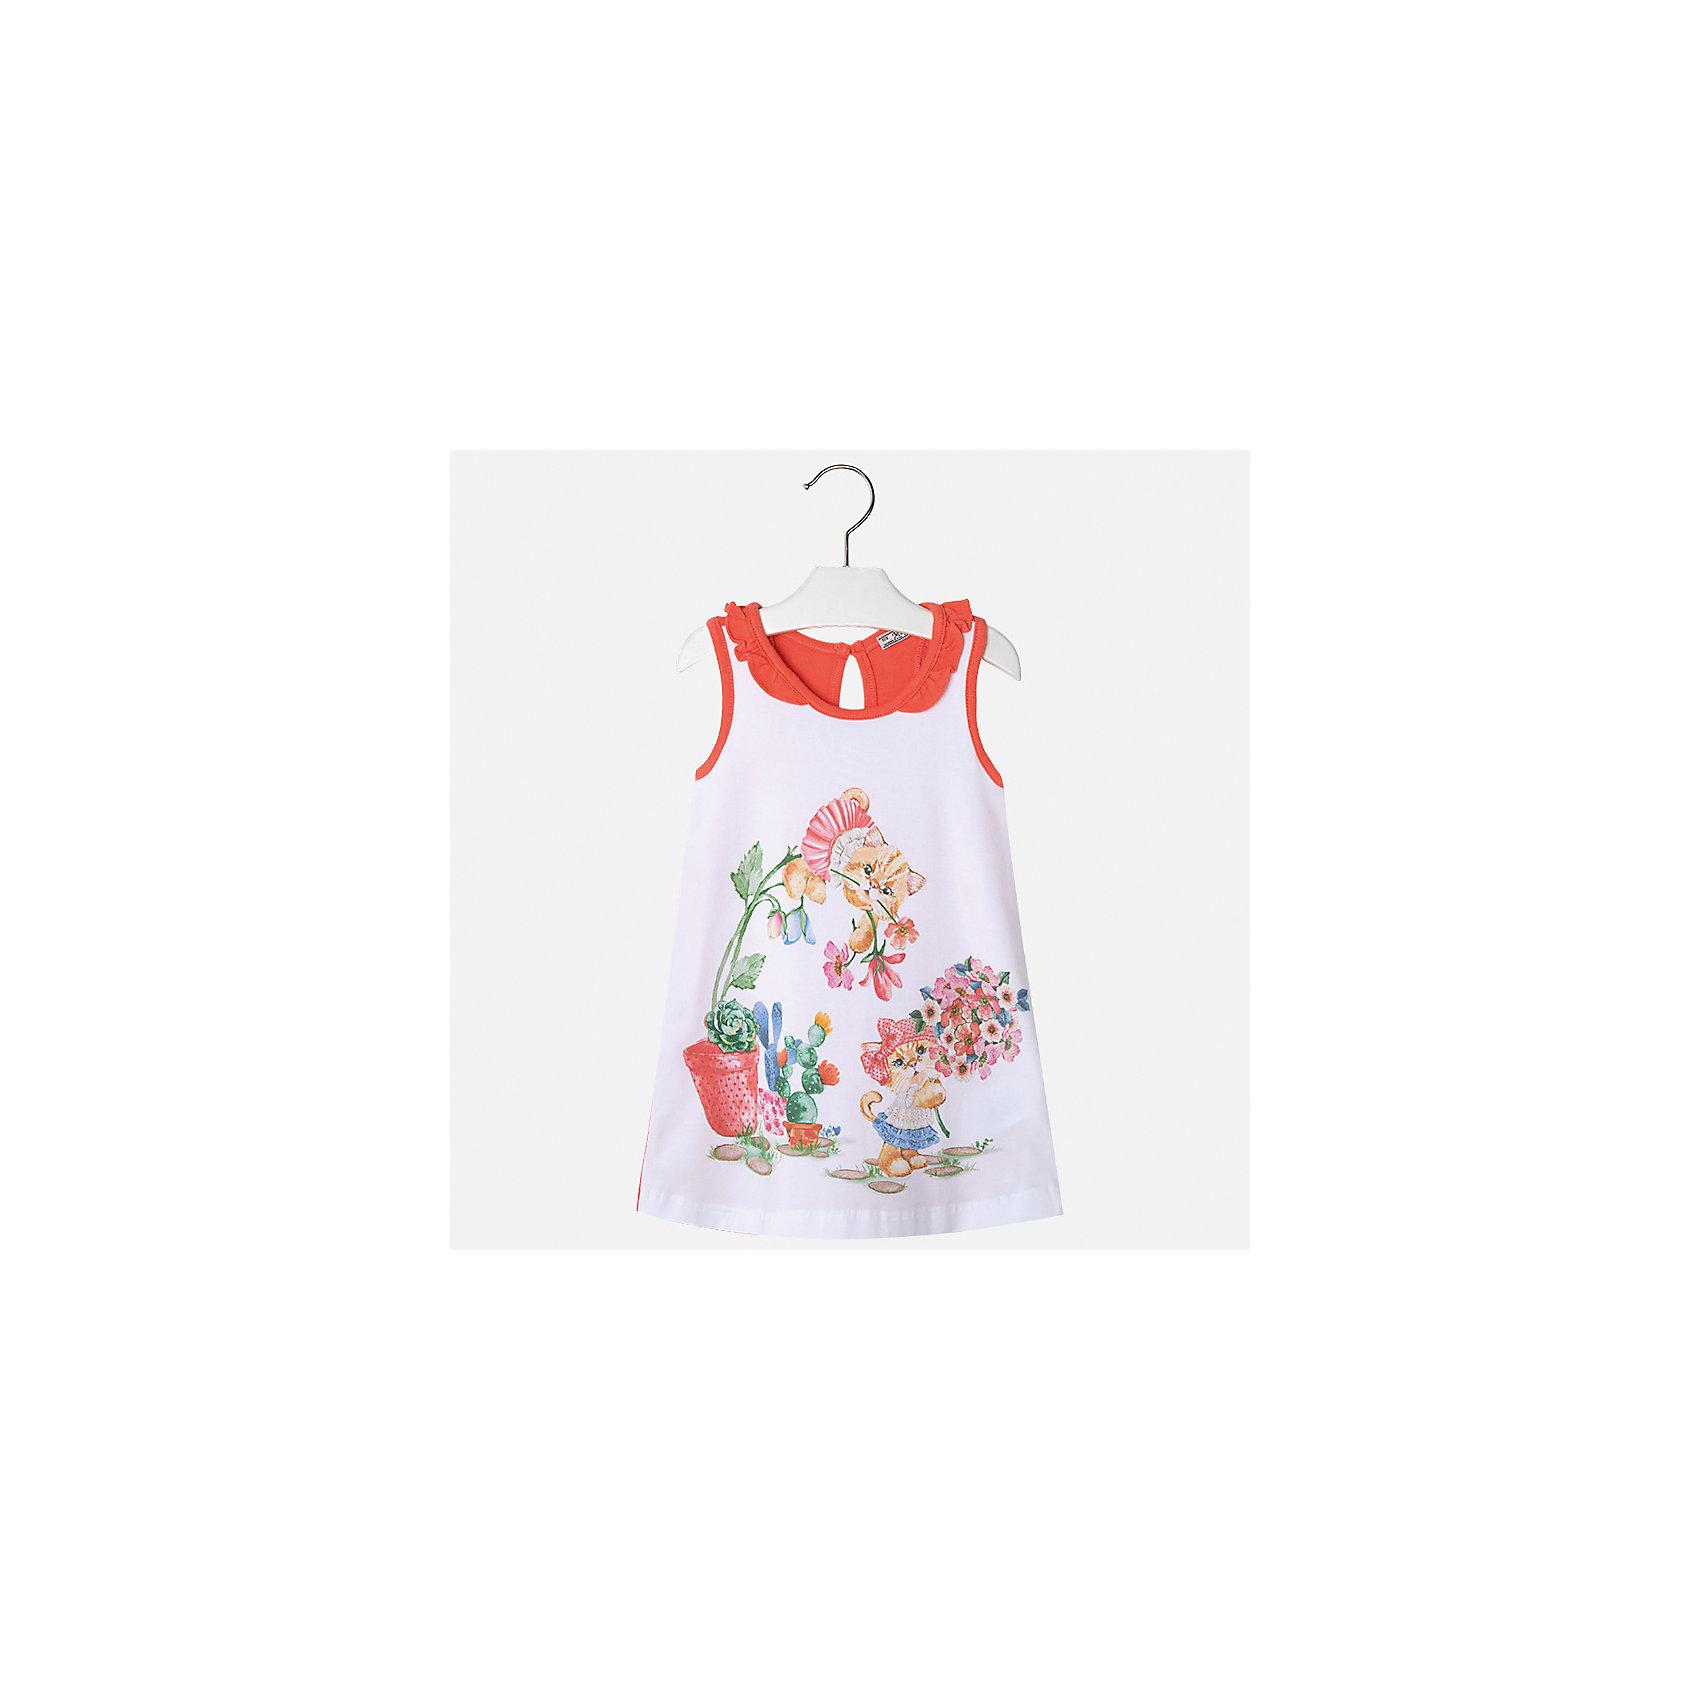 Платье для девочки MayoralЛетние платья и сарафаны<br>Характеристики товара:<br><br>• цвет: белый/красный<br>• состав: 95% хлопок, 5% эластан<br>• застежка: пуговица<br>• комбинированный материал<br>• без рукавов<br>• декорировано принтом<br>• страна бренда: Испания<br><br>Стильное платье для девочки поможет разнообразить гардероб ребенка и создать эффектный наряд. Оно подойдет для различных случаев. Красивый оттенок позволяет подобрать к вещи обувь разных расцветок. Платье хорошо сидит по фигуре. В составе материала - натуральный хлопок, гипоаллергенный, приятный на ощупь, дышащий.<br><br>Одежда, обувь и аксессуары от испанского бренда Mayoral полюбились детям и взрослым по всему миру. Модели этой марки - стильные и удобные. Для их производства используются только безопасные, качественные материалы и фурнитура. Порадуйте ребенка модными и красивыми вещами от Mayoral! <br><br>Платье для девочки от испанского бренда Mayoral (Майорал) можно купить в нашем интернет-магазине.<br><br>Ширина мм: 236<br>Глубина мм: 16<br>Высота мм: 184<br>Вес г: 177<br>Цвет: красный<br>Возраст от месяцев: 60<br>Возраст до месяцев: 72<br>Пол: Женский<br>Возраст: Детский<br>Размер: 116,92,98,104,110<br>SKU: 5300648